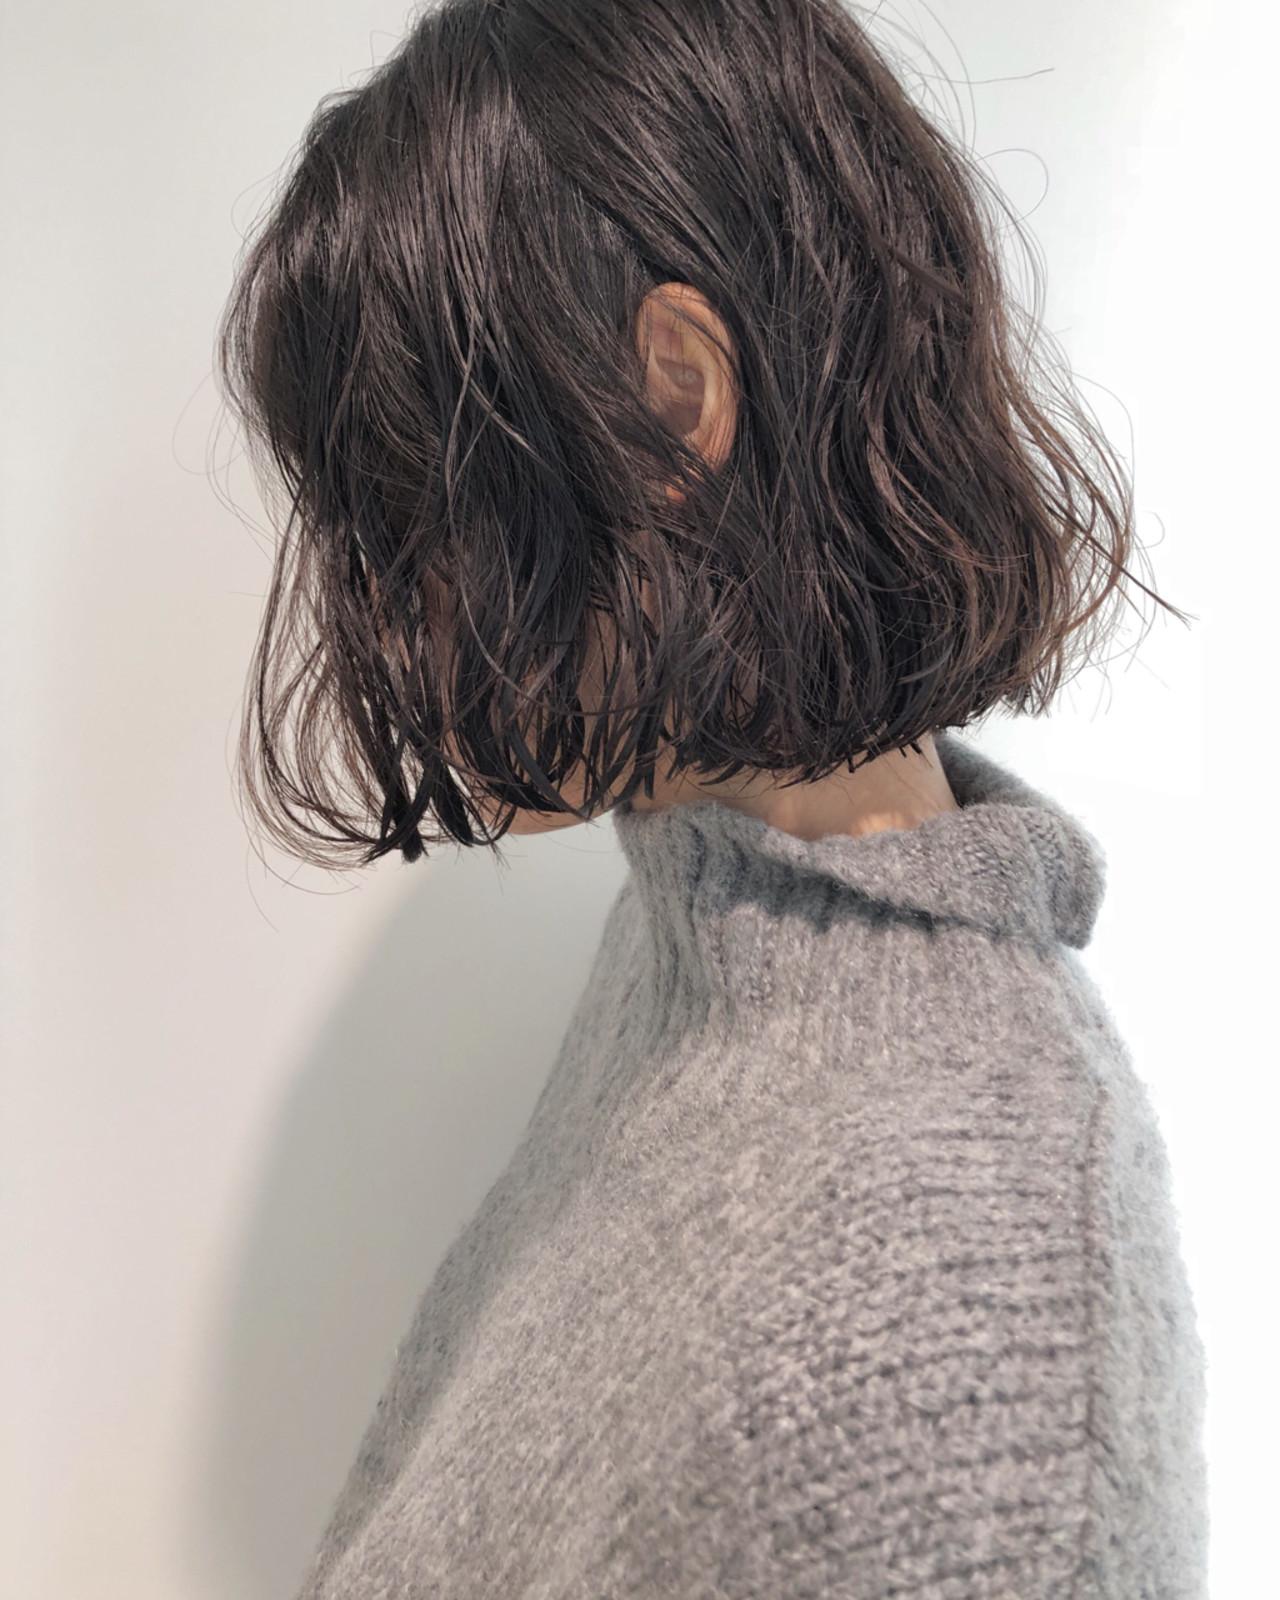 ミディアム ナチュラル 切りっぱなし ボブヘアスタイルや髪型の写真・画像